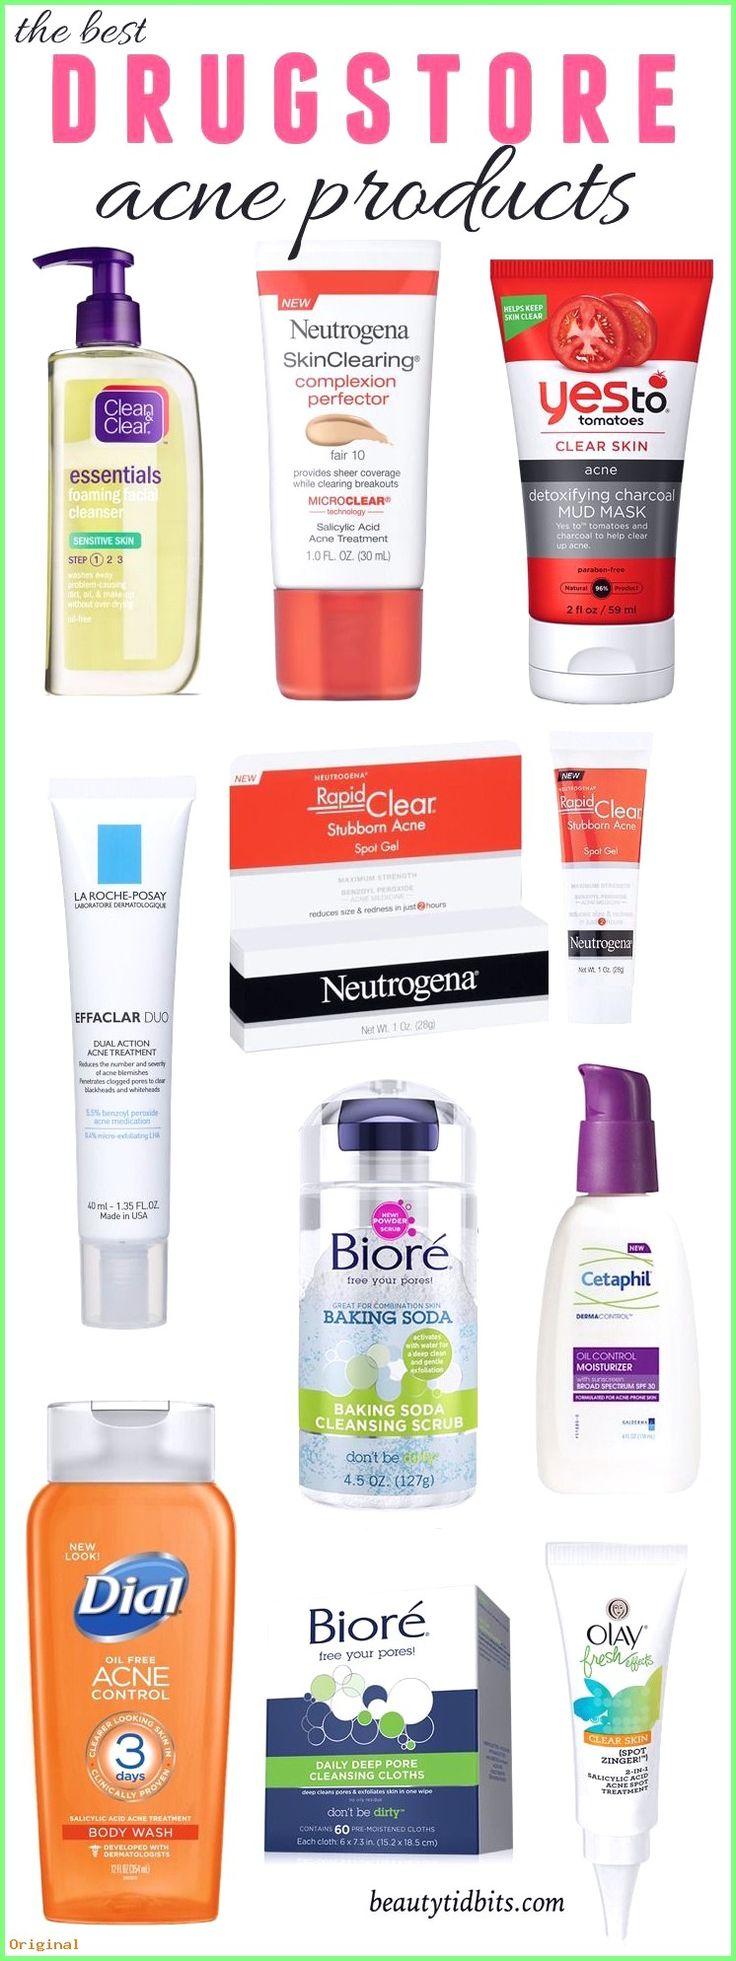 50+ Hautpflege – Zu Akne neigende Haut? Hier sind 10 der besten Drogerie-Aknebekämpfungsprod…